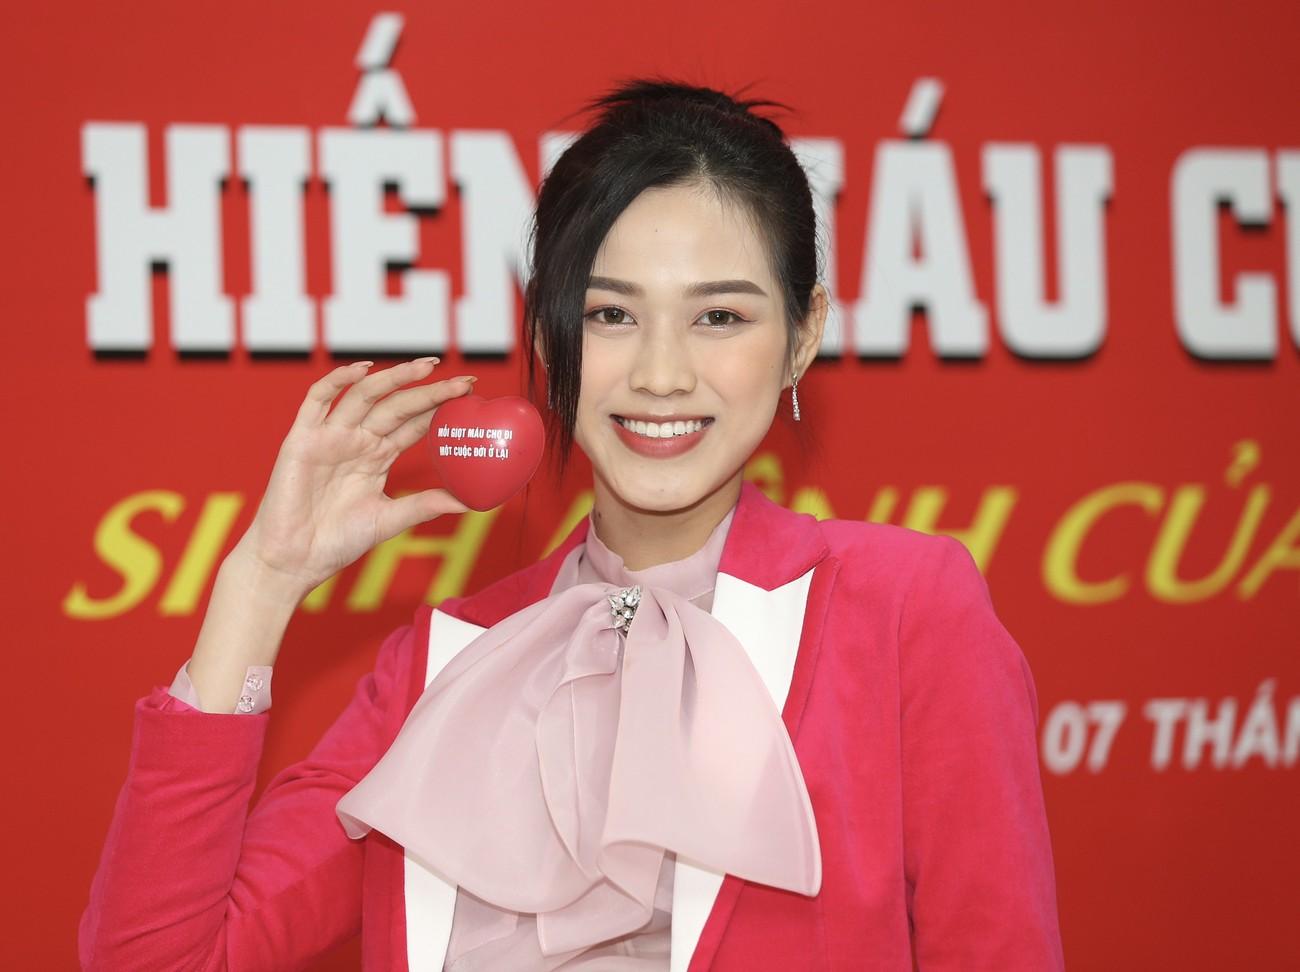 Những hình ảnh đẹp rạng rỡ của Hoa hậu Đỗ Thị Hà trong hành trình Chủ nhật Đỏ 2021 ảnh 11